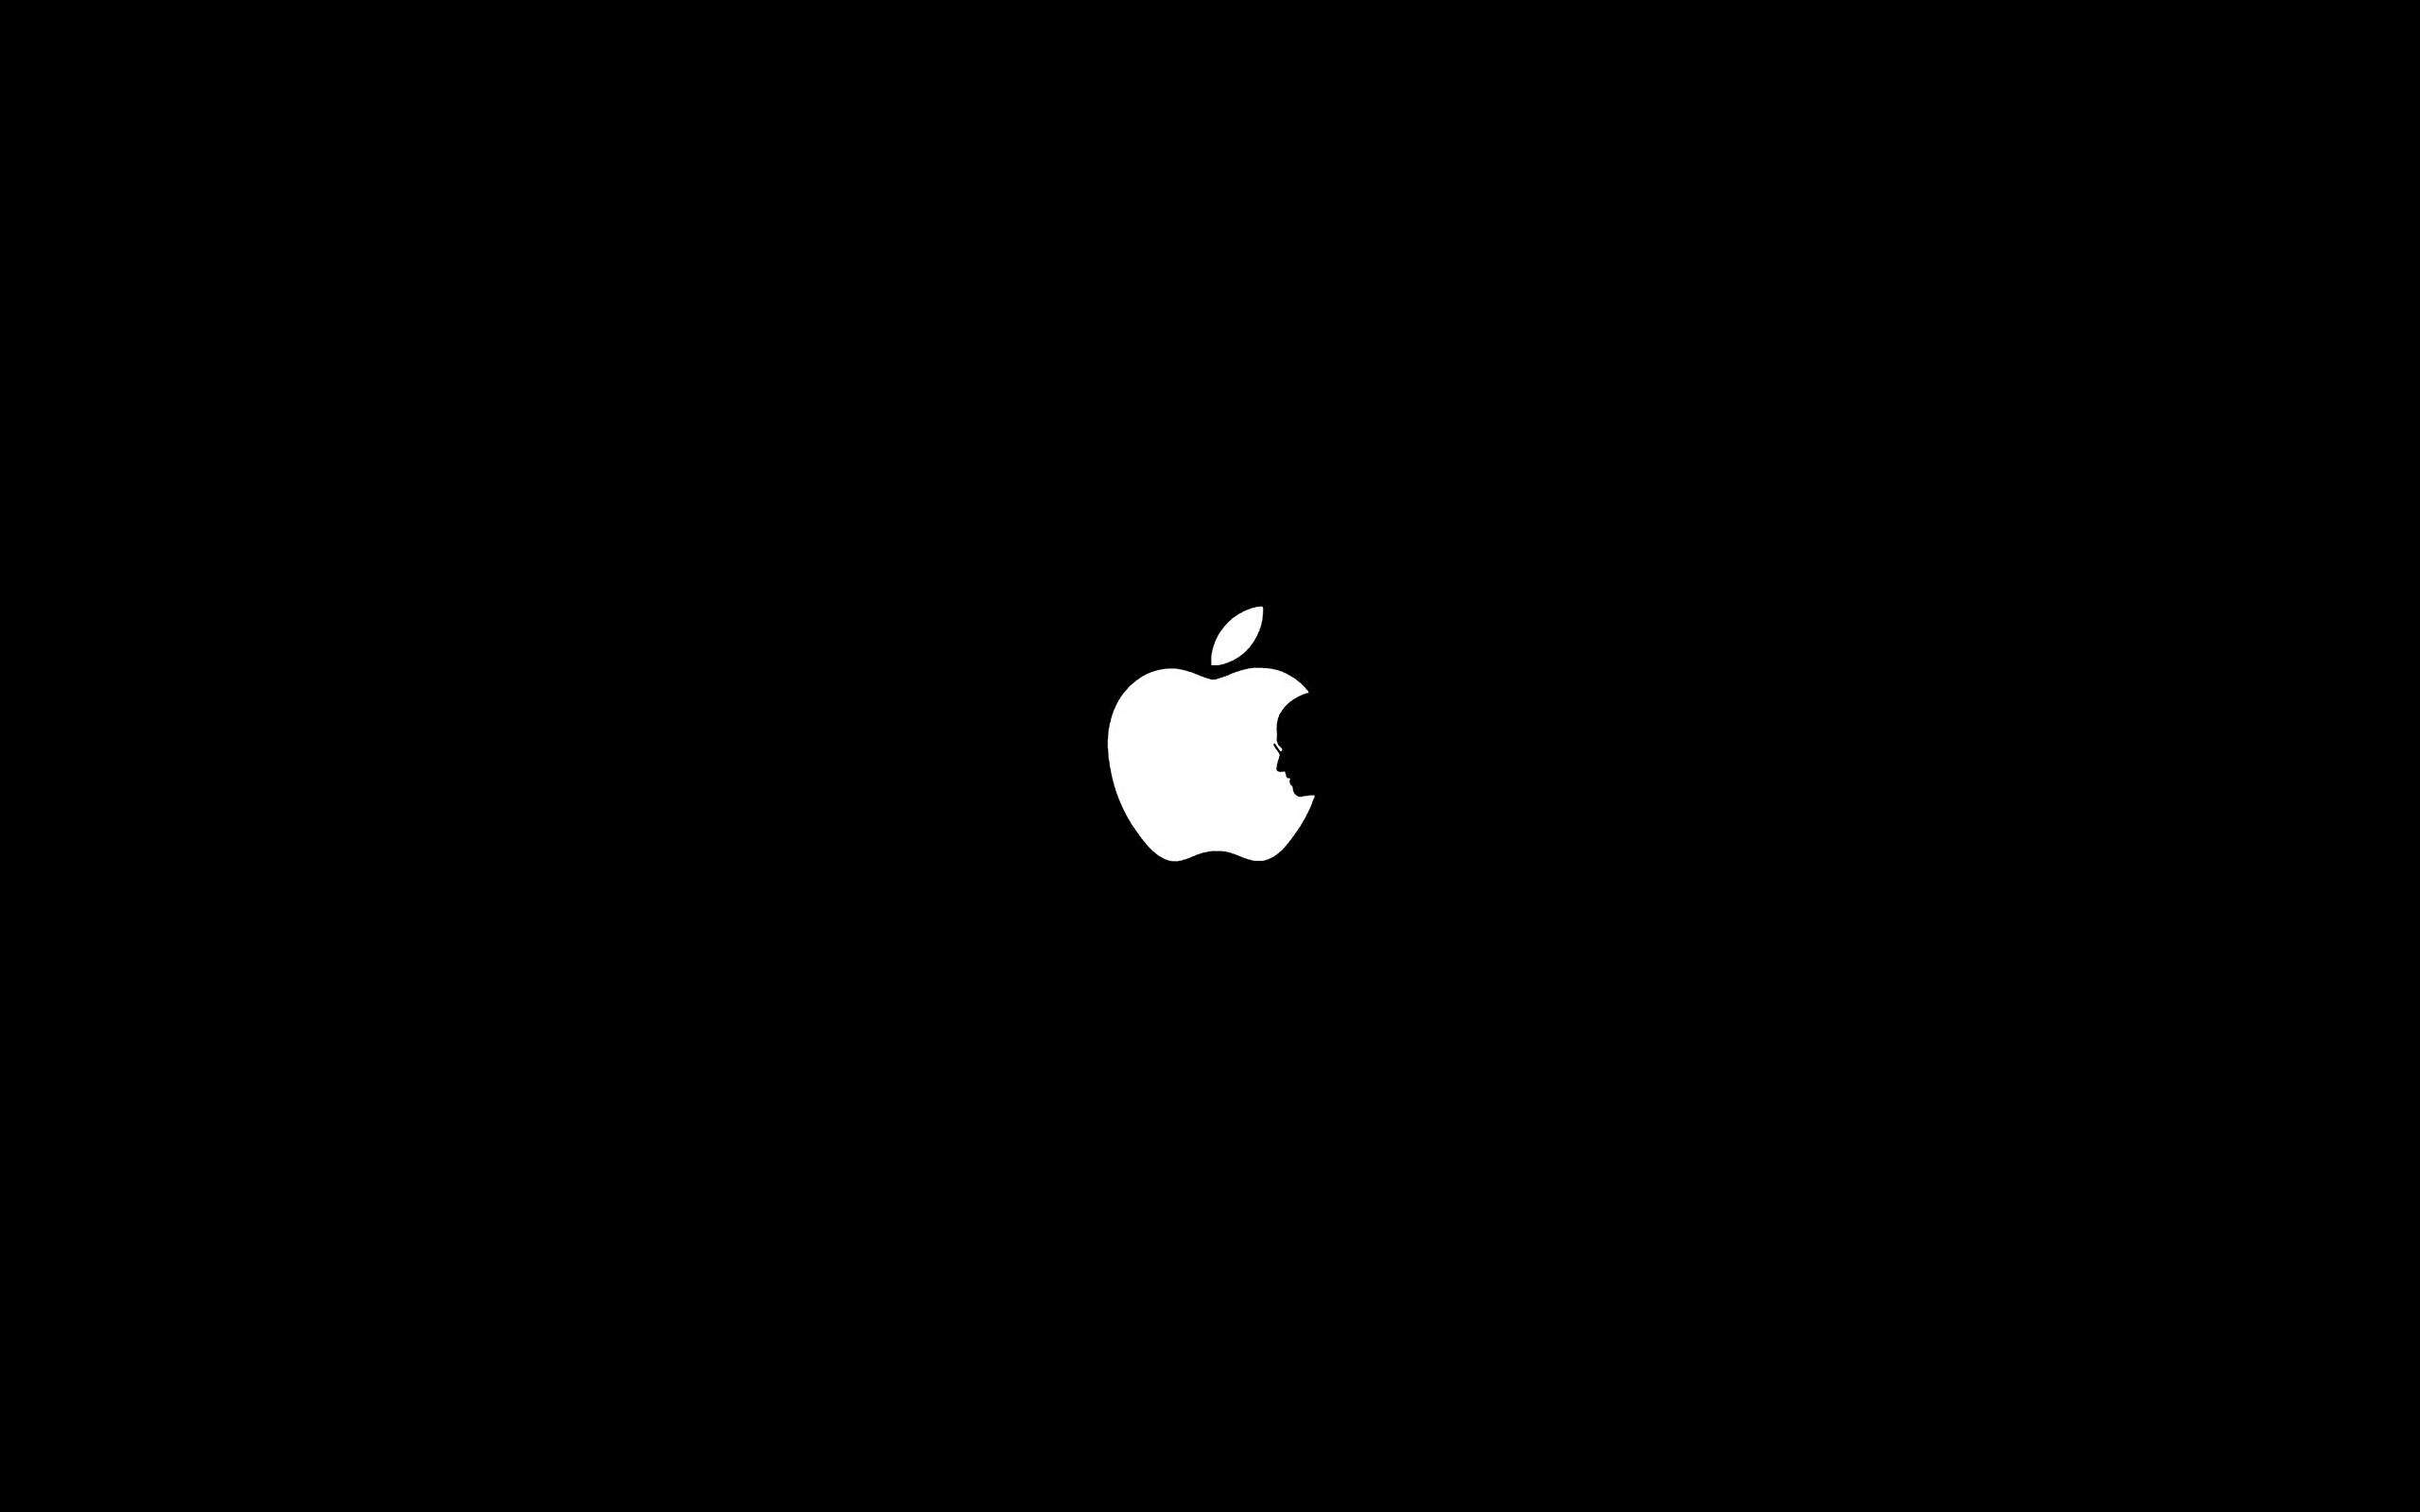 Steve Jobs with Apple Logo